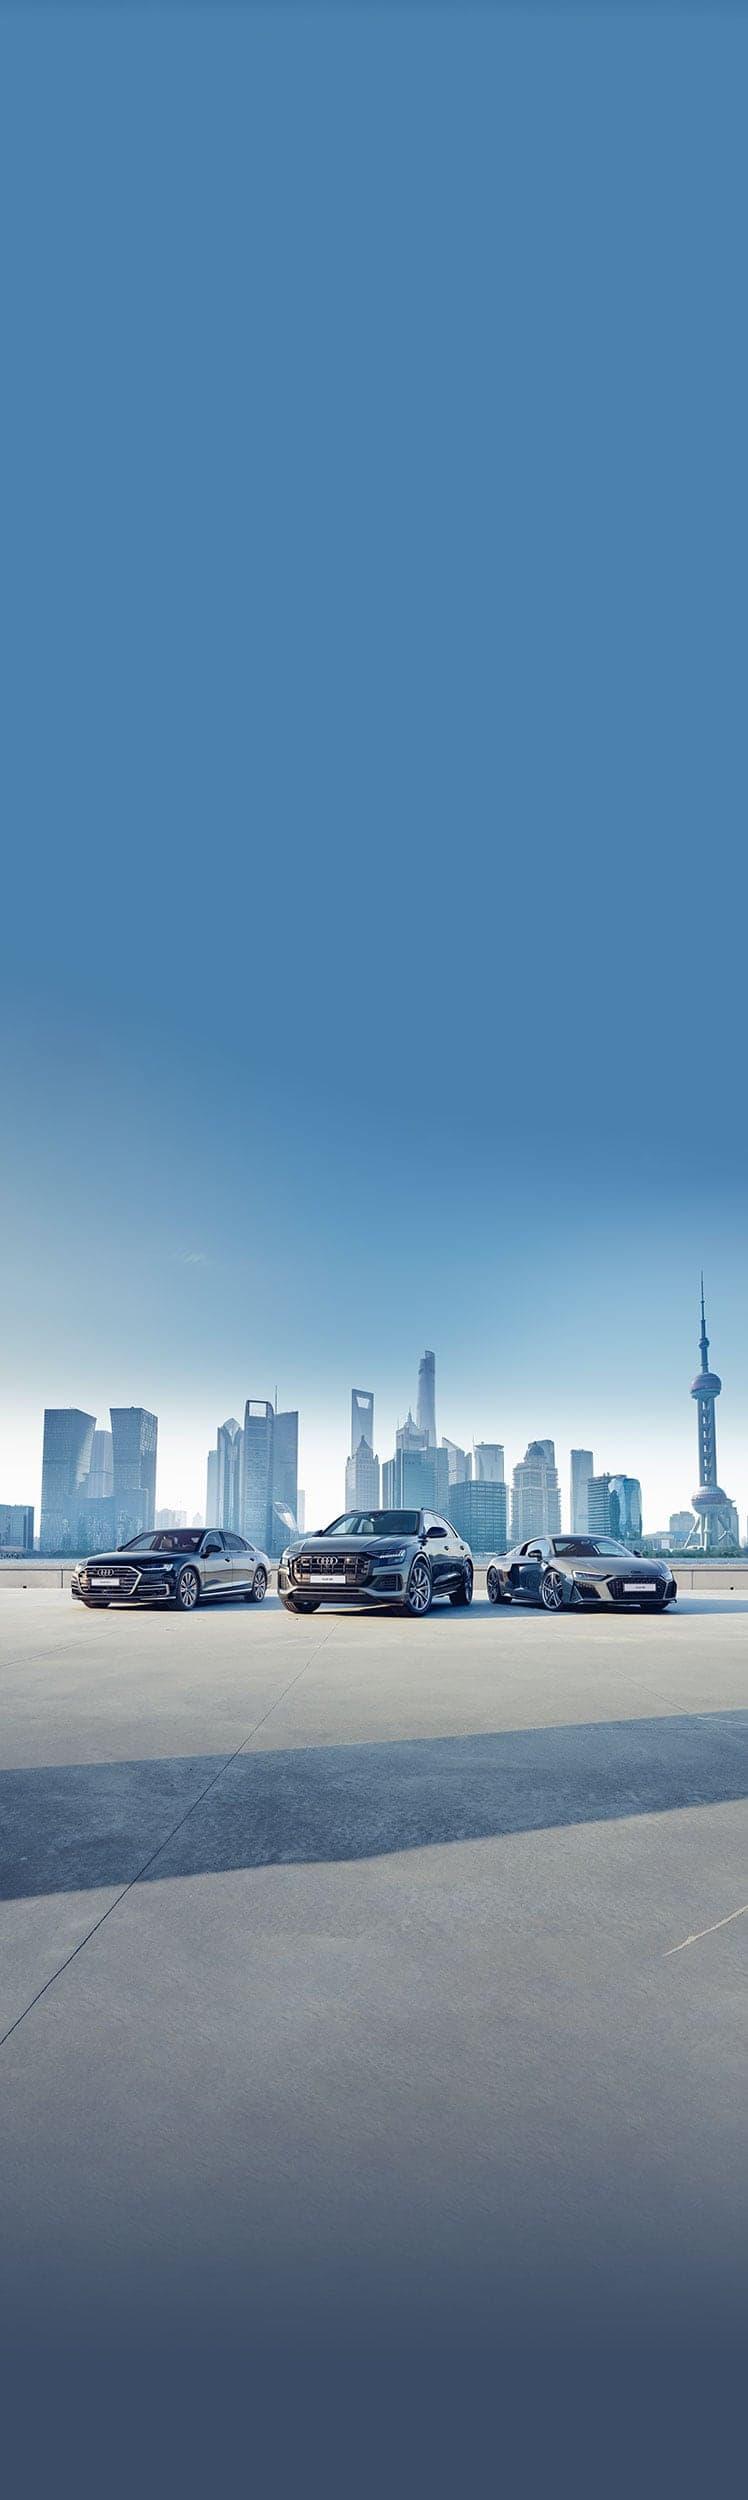 ابحث عن Audi الخاصة بك.